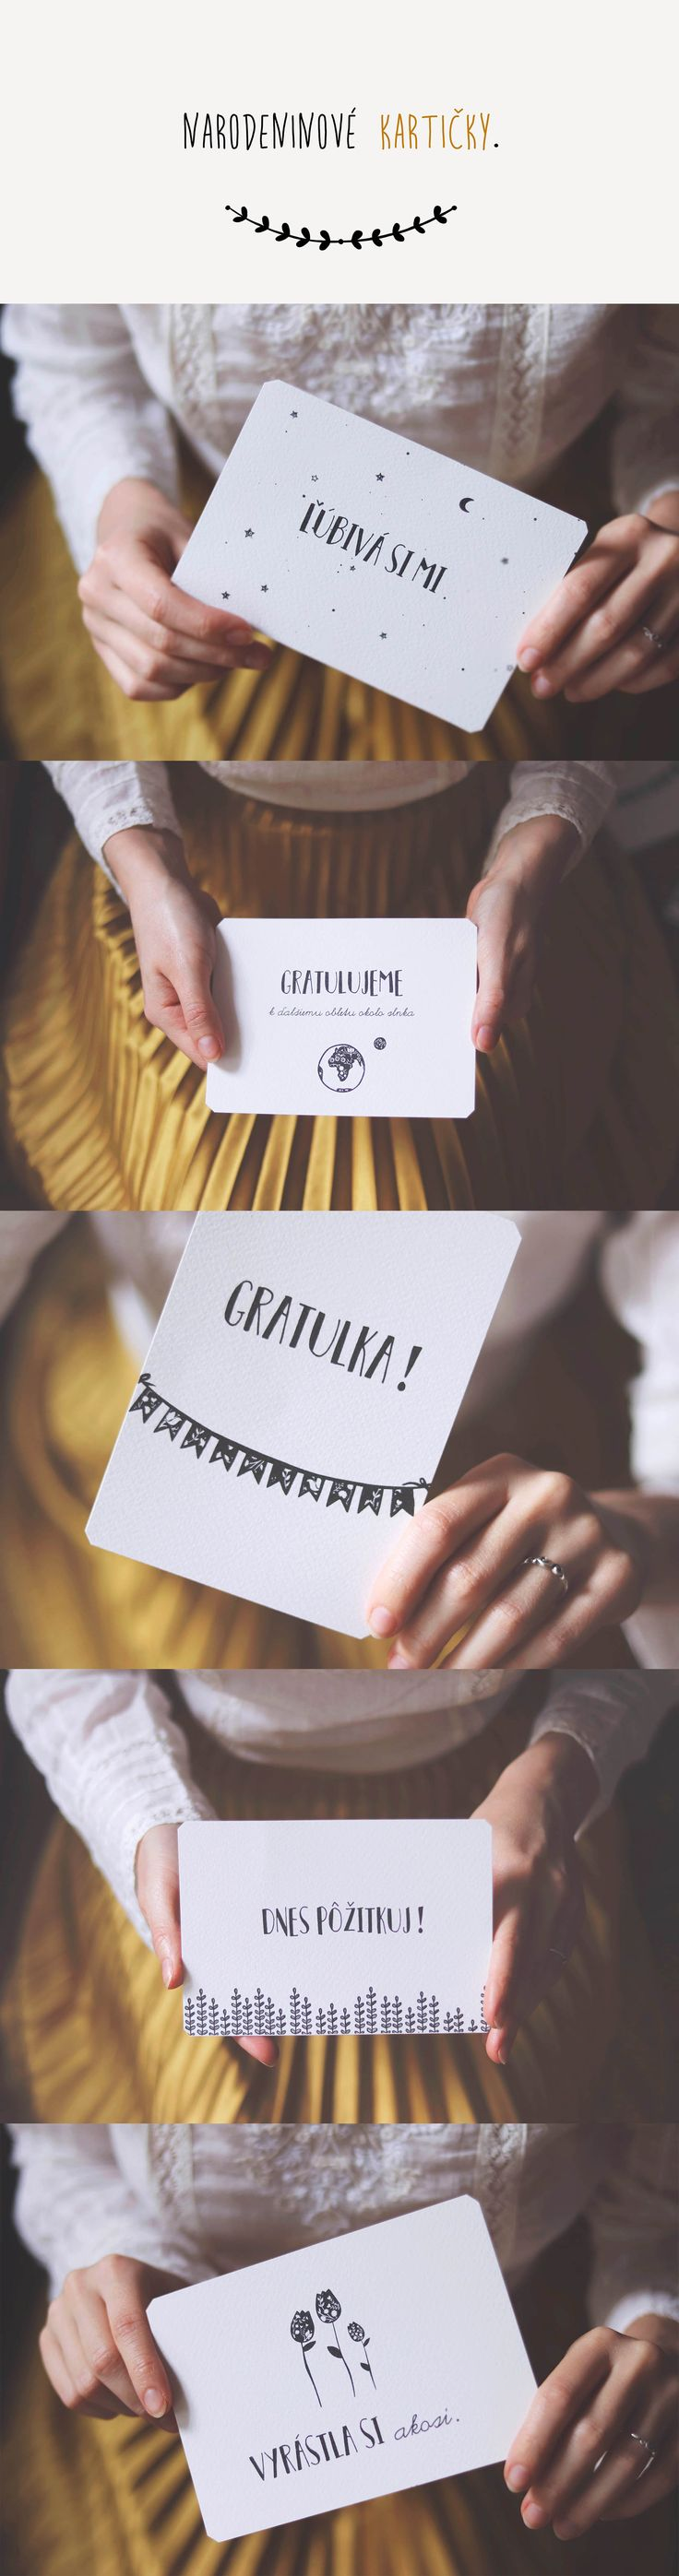 Narodeninové kartičky / PDF na stiahnutie